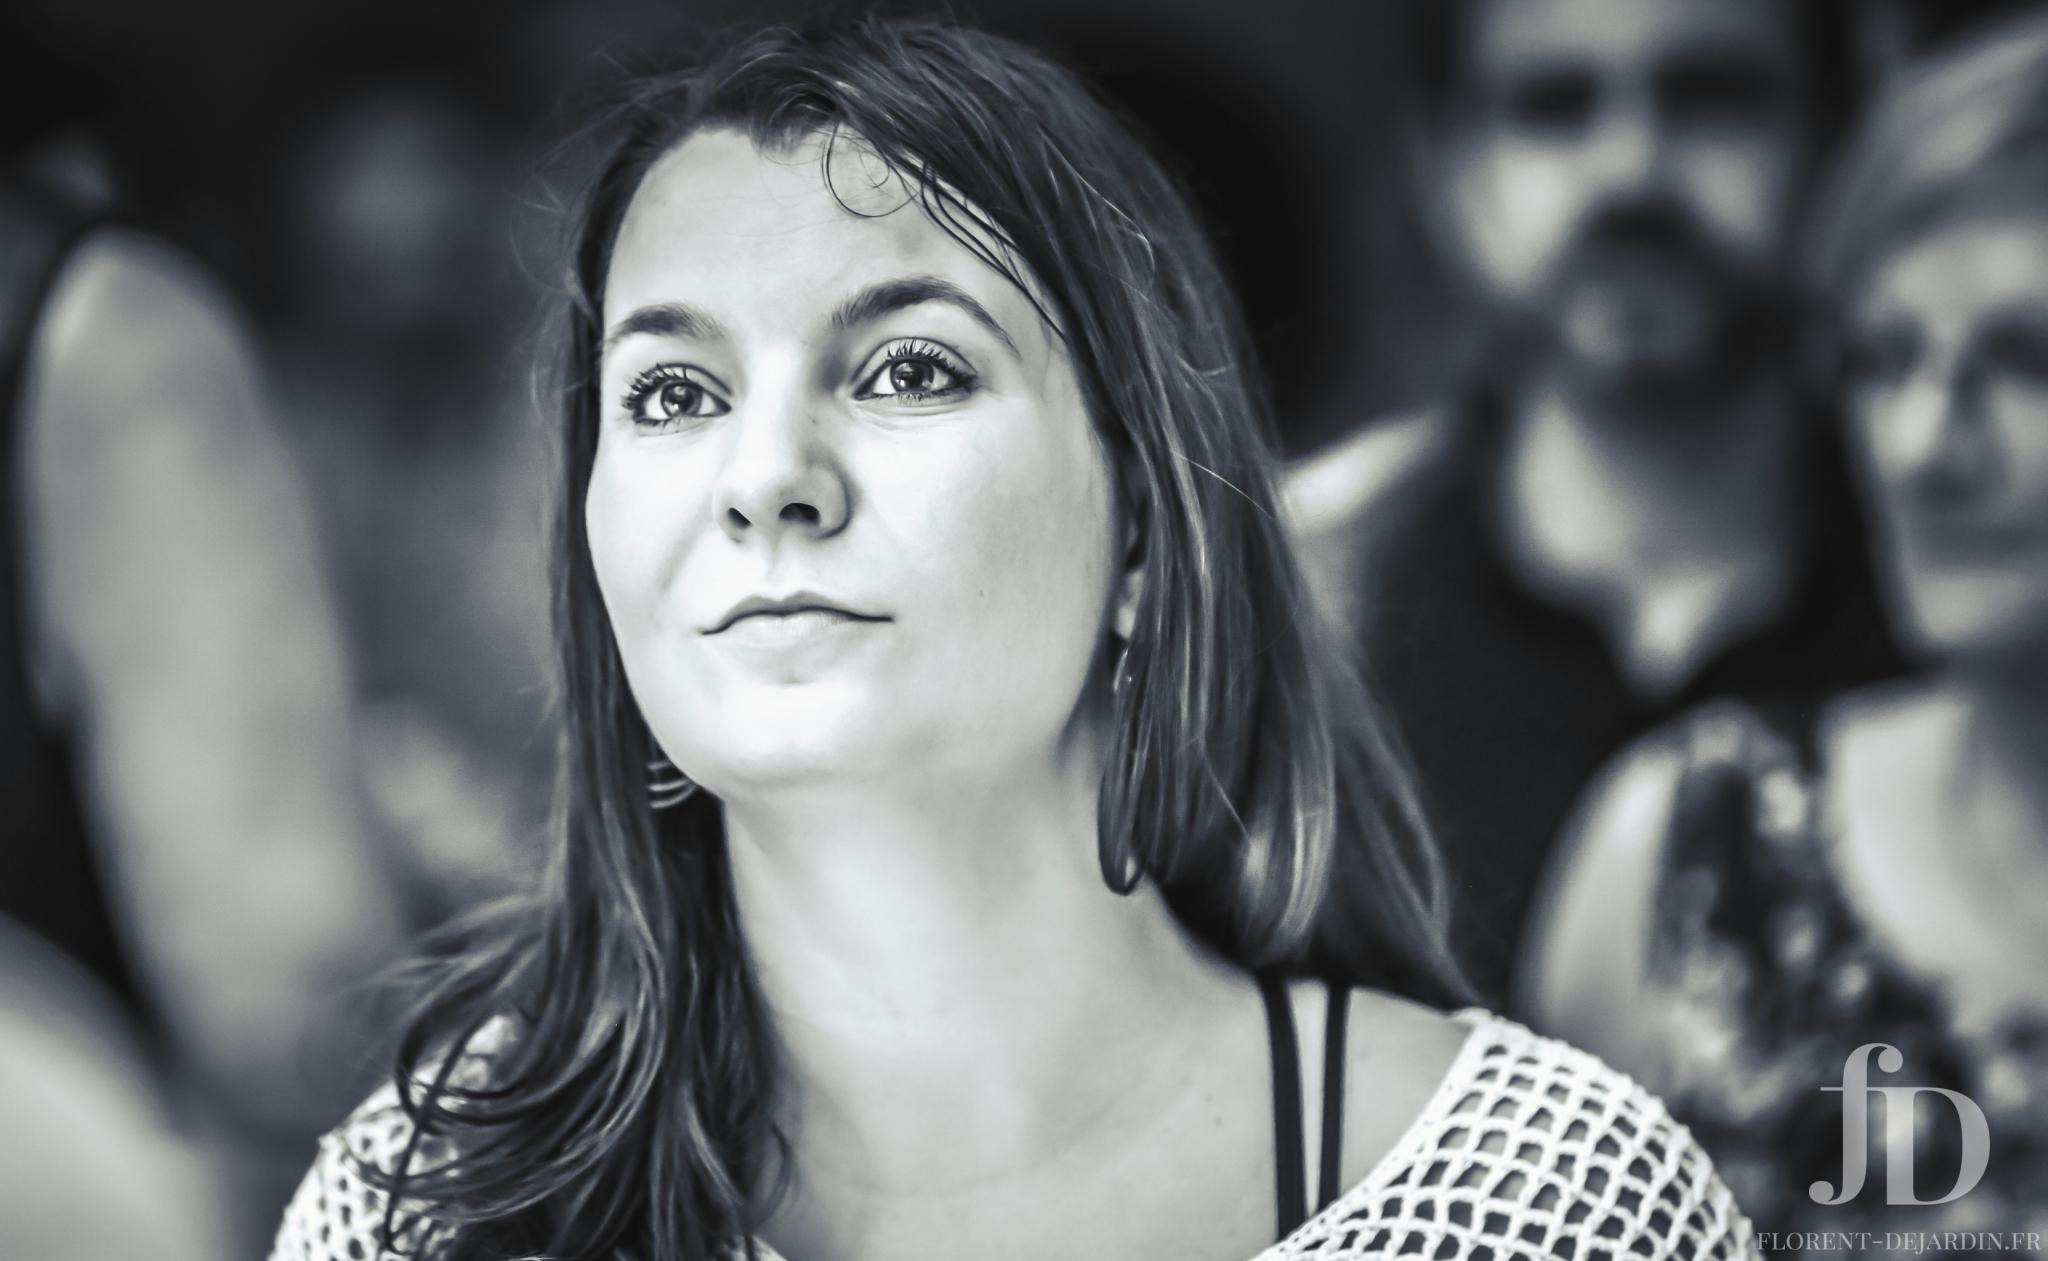 photographie en noir et blanc utilisée pour illustrée un article sur la photogénie